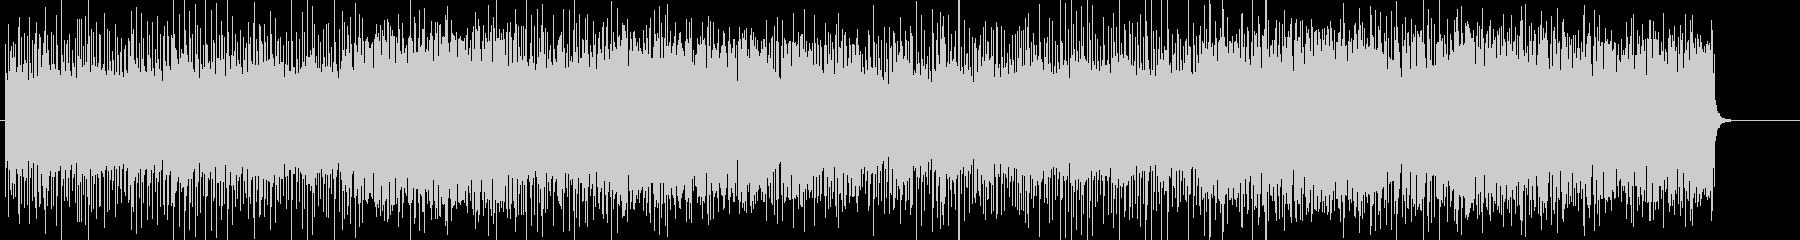 「ハードロック、ROCK」BGM219の未再生の波形